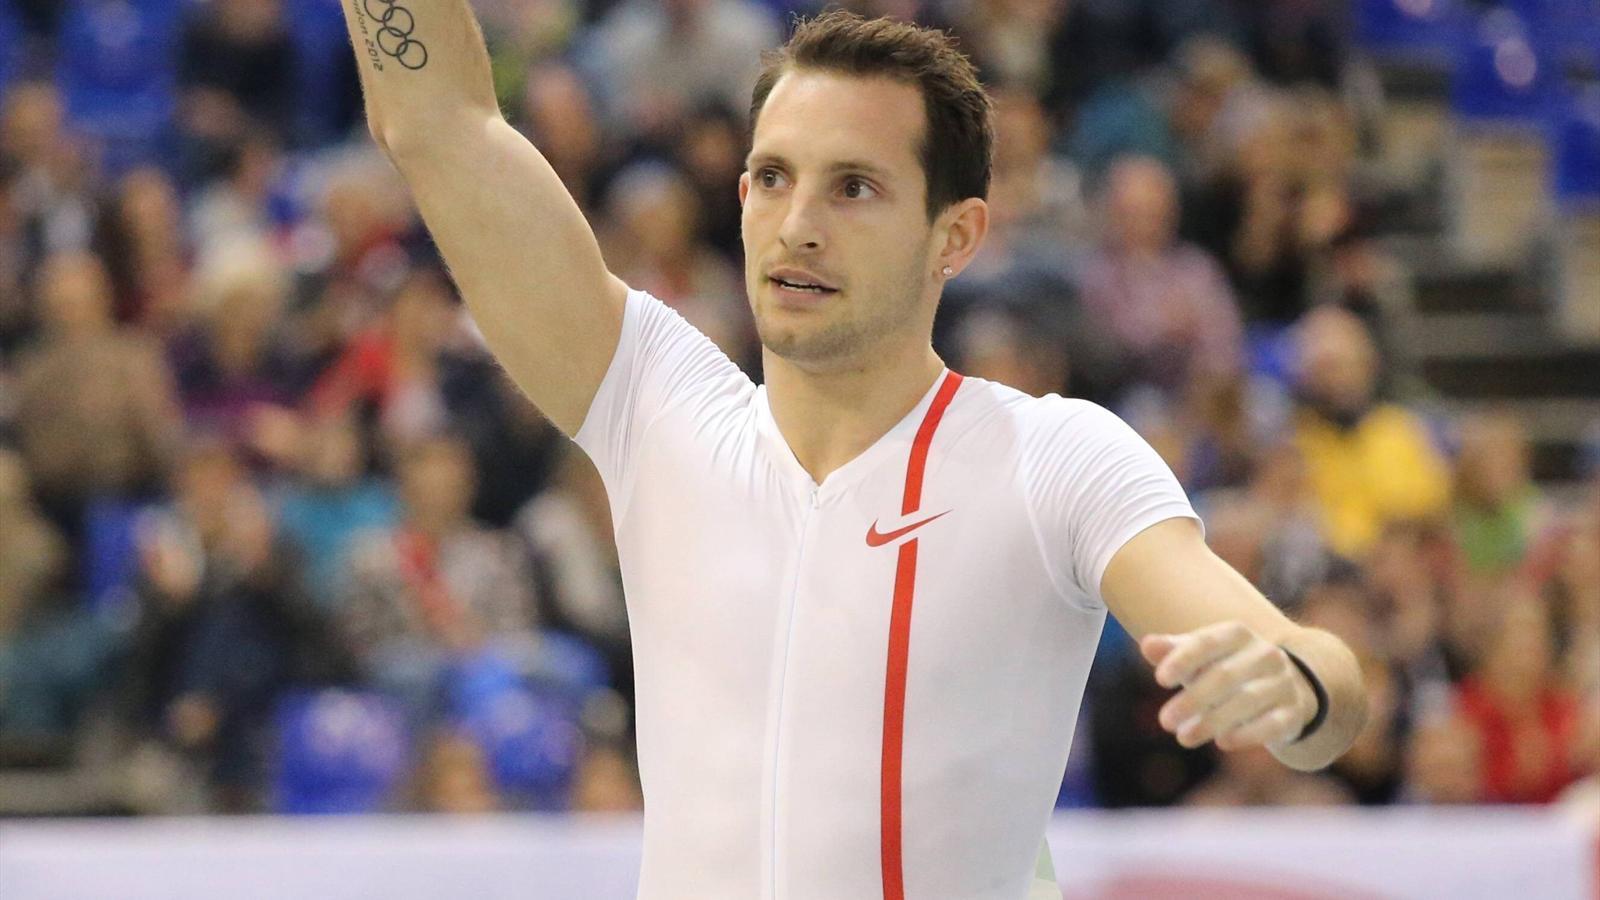 Рено Лавиллени показал лучший результат сезона на домашнем турнире в городе Невер + Видео